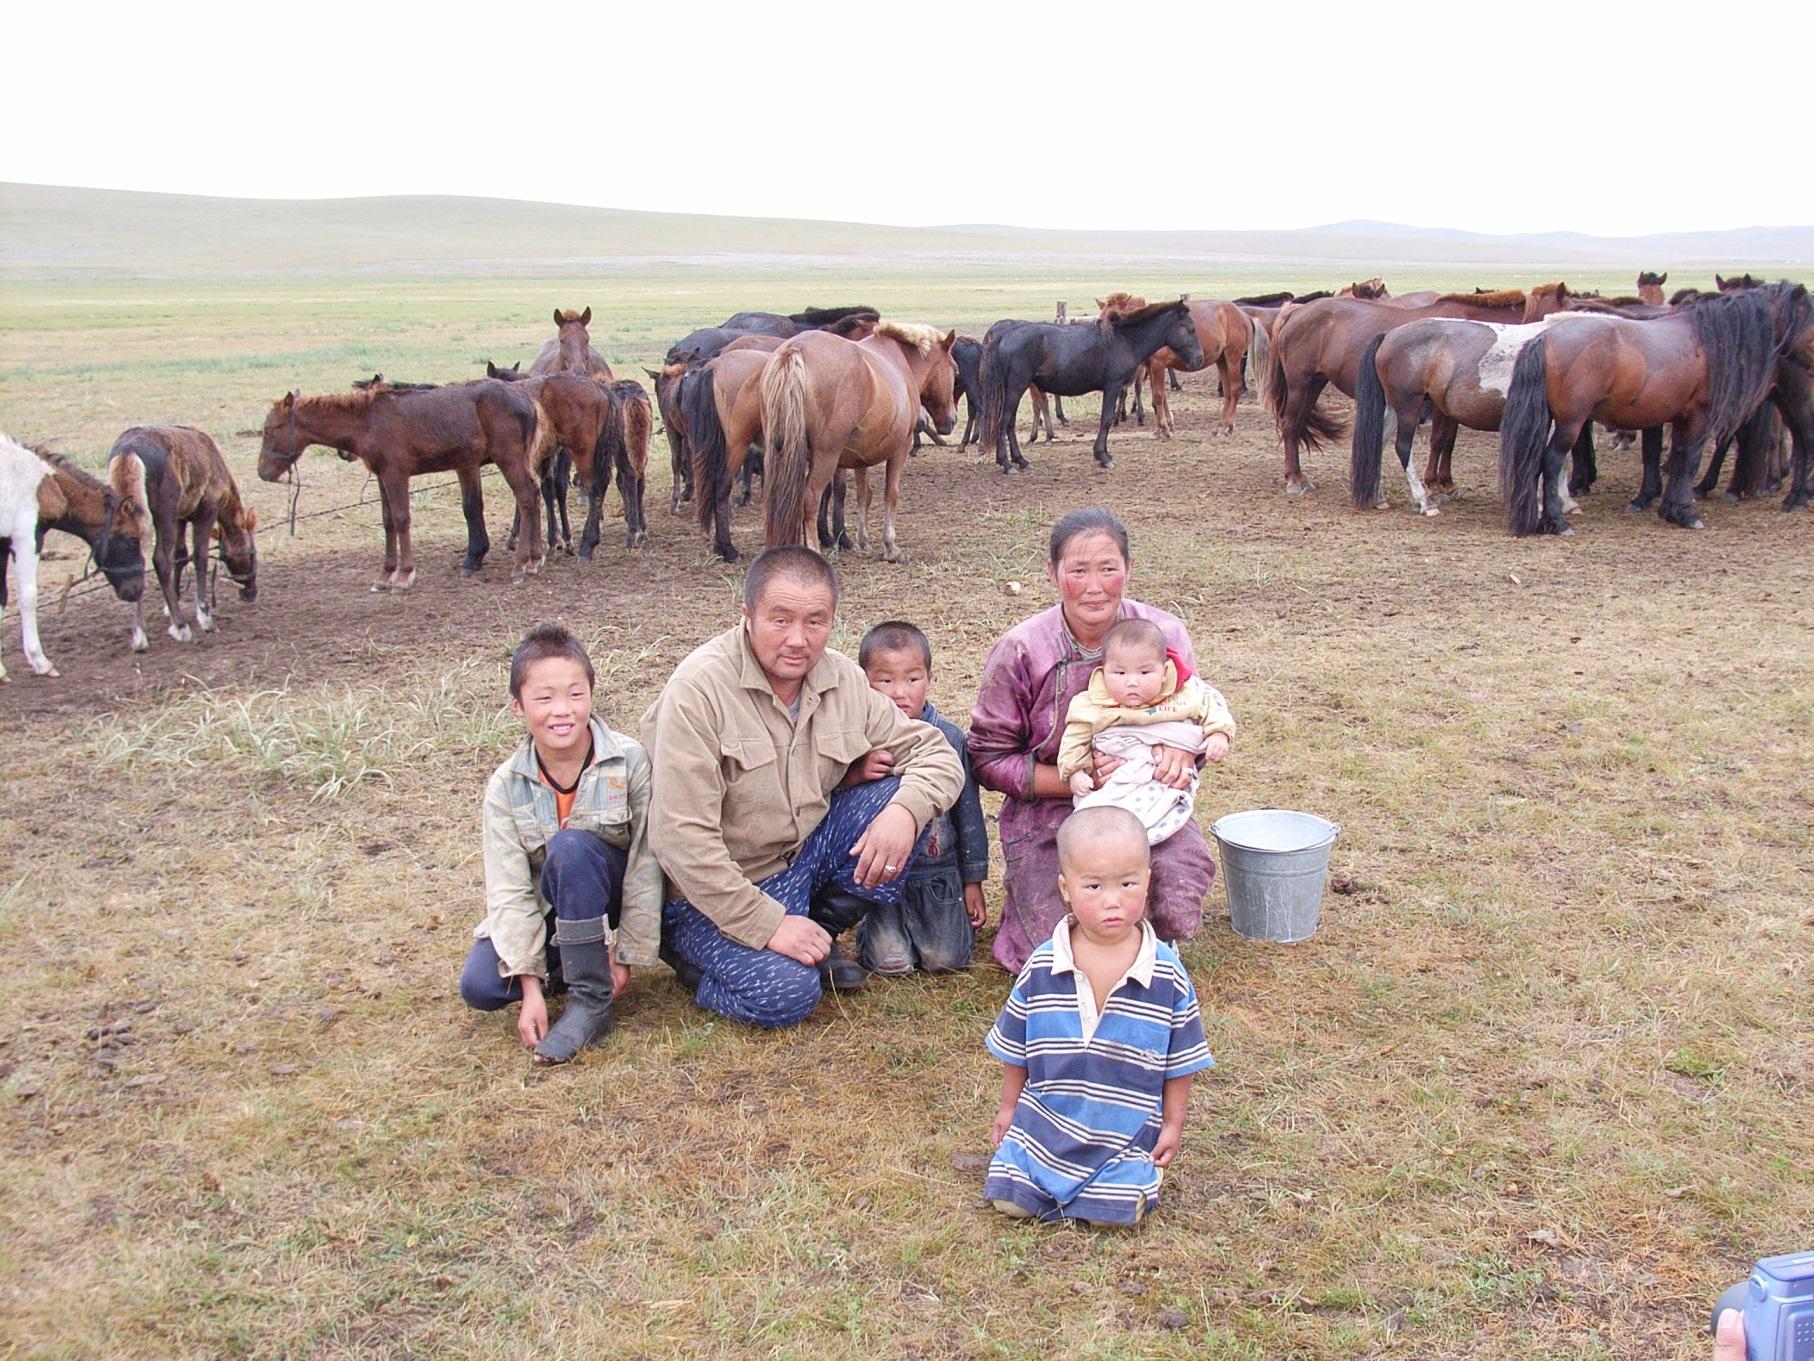 モンゴルの生活文化に触れる